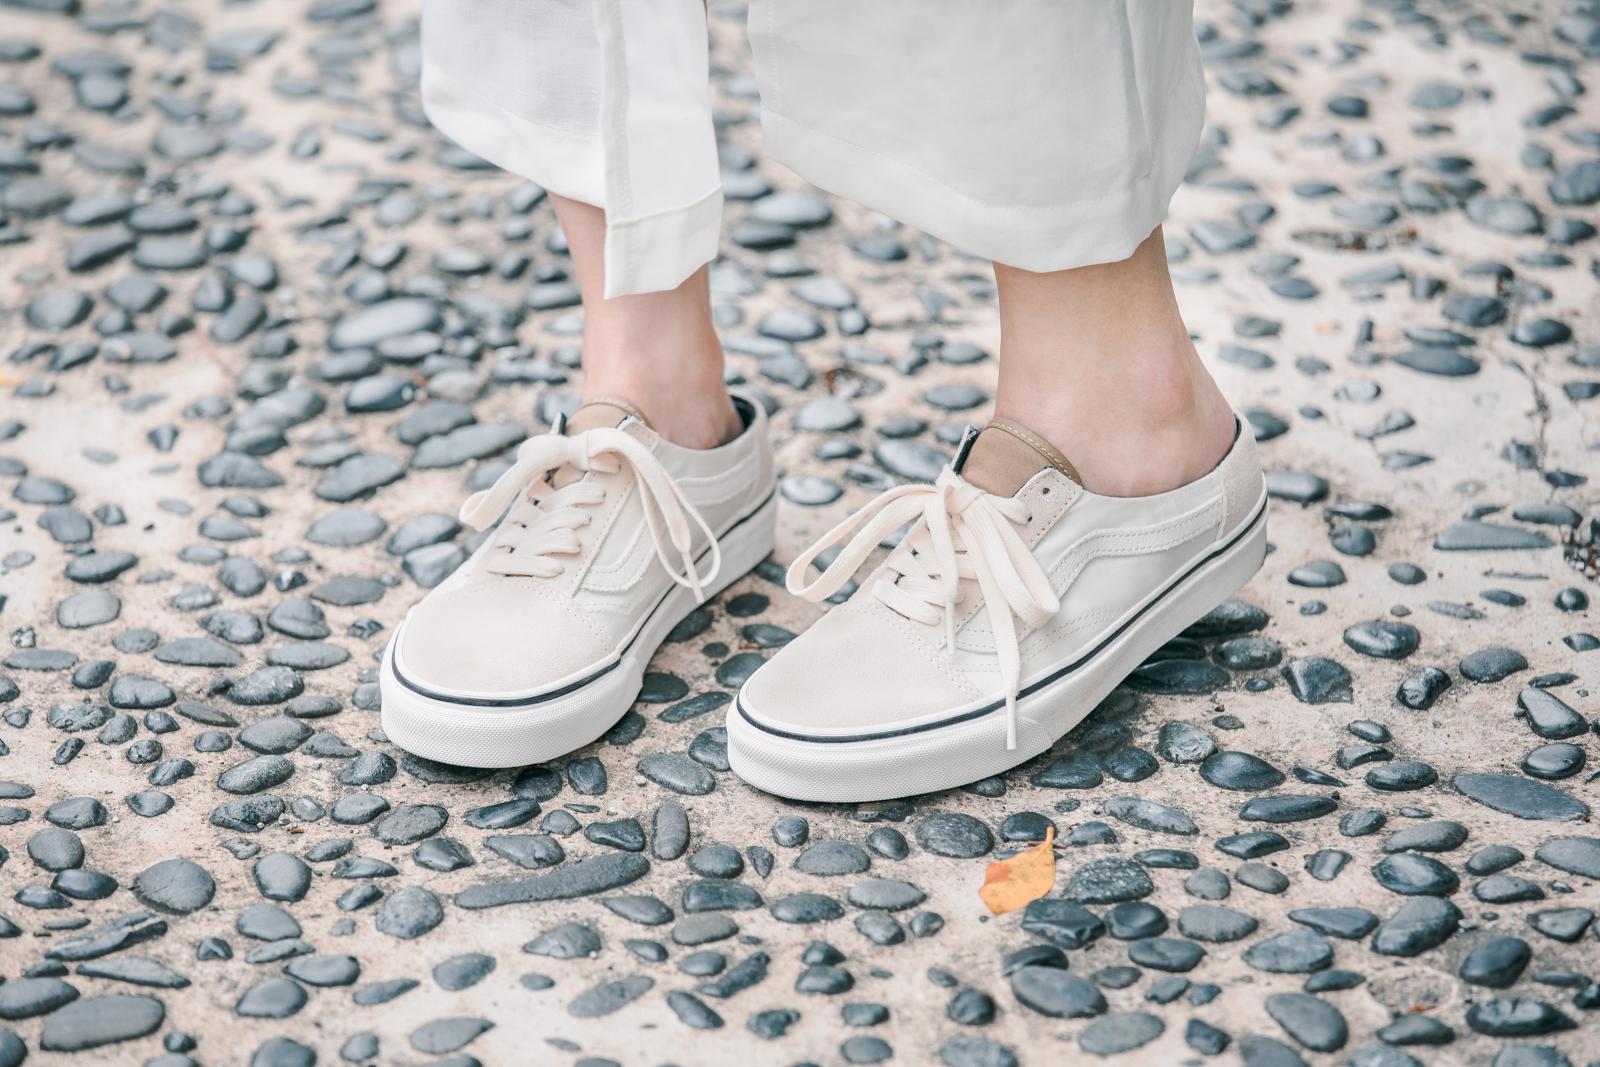 誰說穆勒鞋都走淑女風?跟著網紅方柒柒這樣穿,輕鬆駕馭 VANS 穆勒鞋-6